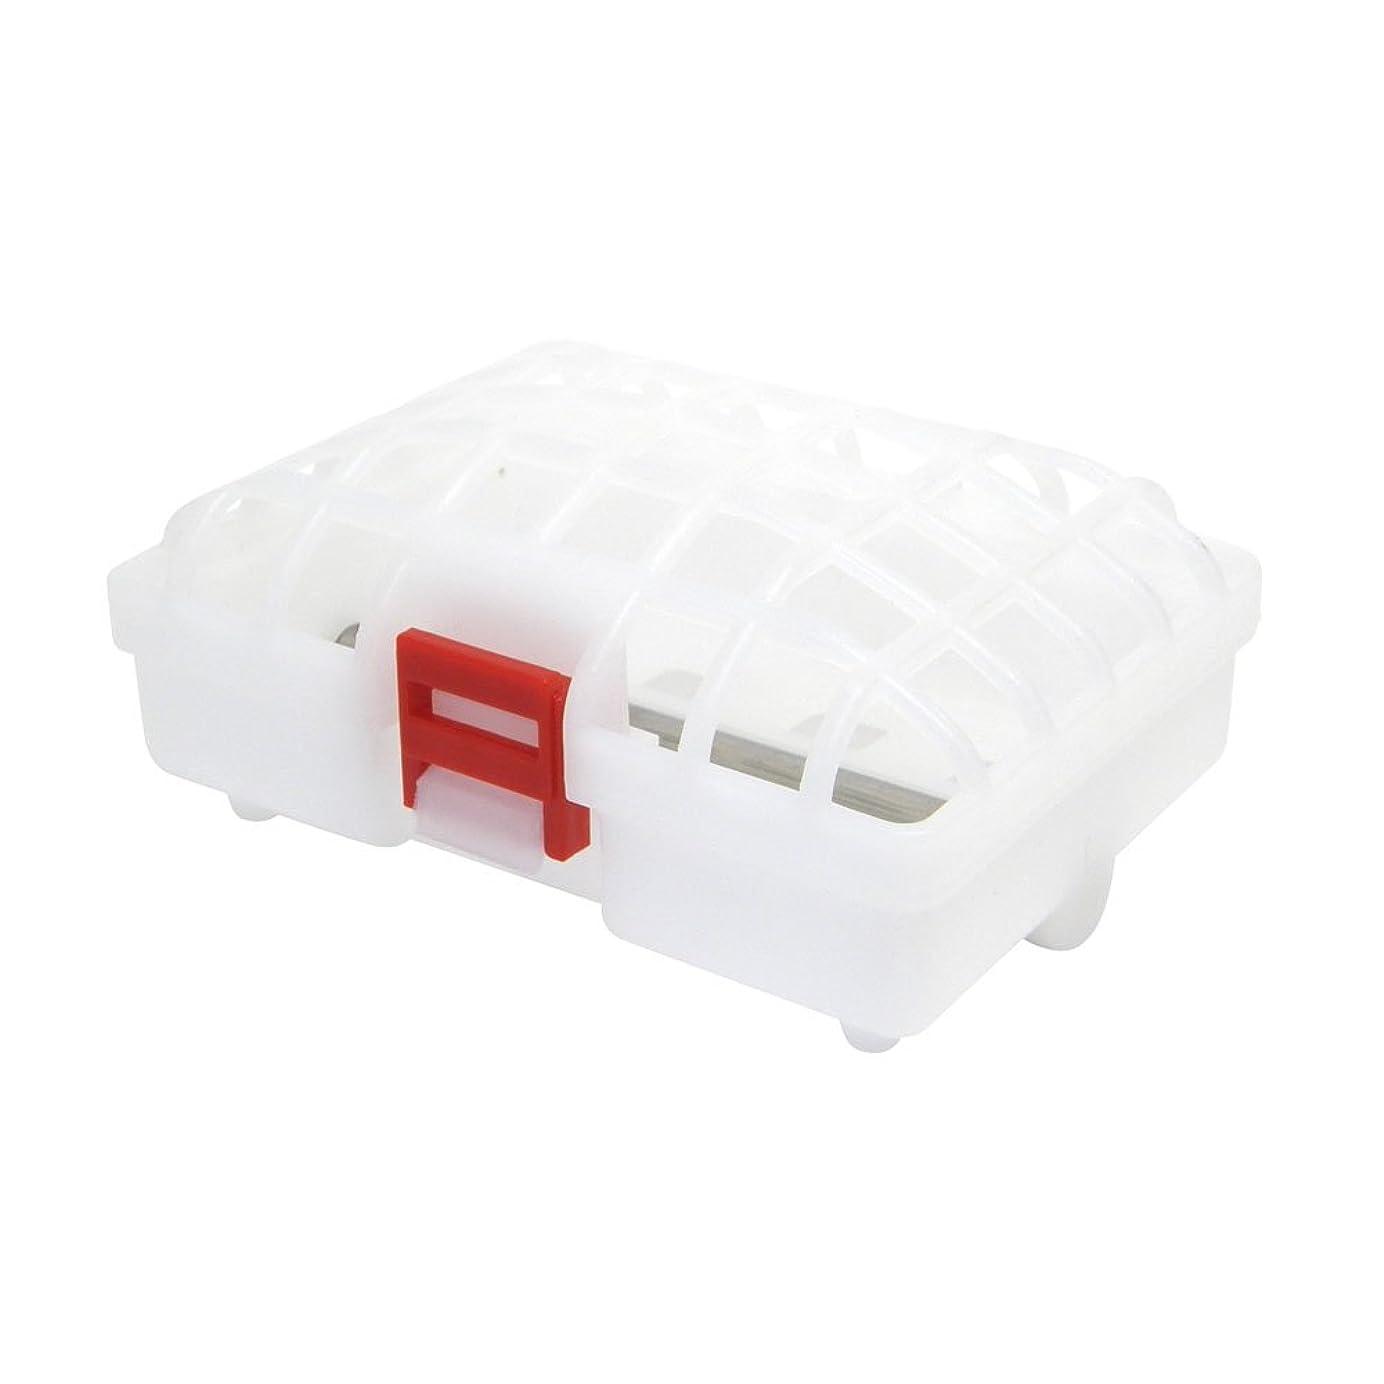 手術アクチュエータ固有の水素バス専用容器